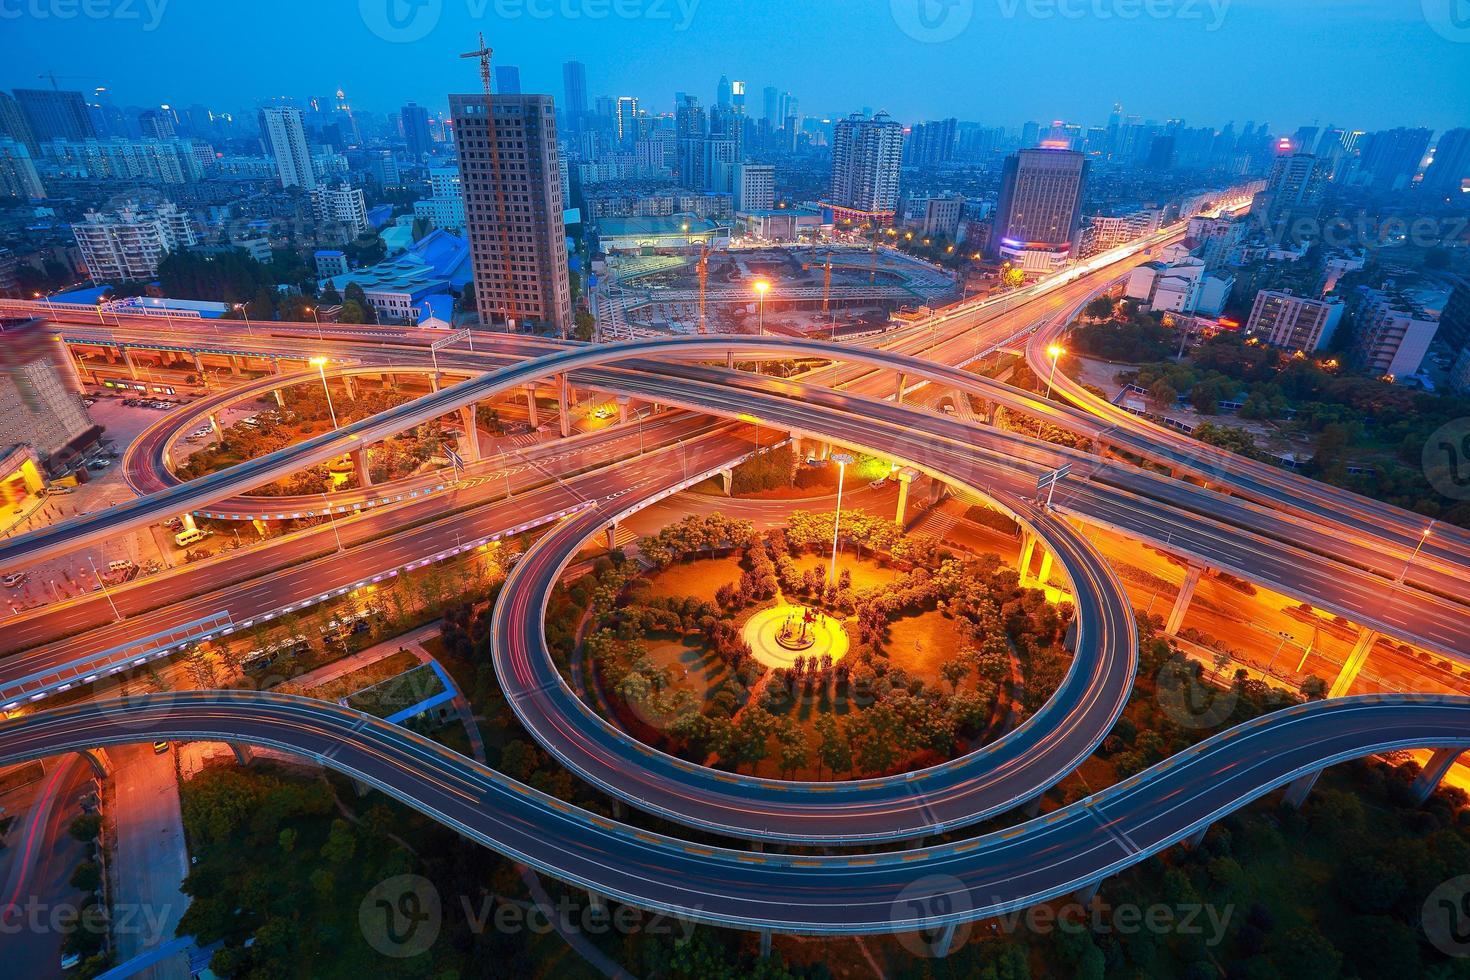 Flygfoto över staden viaduct väg natt scen foto